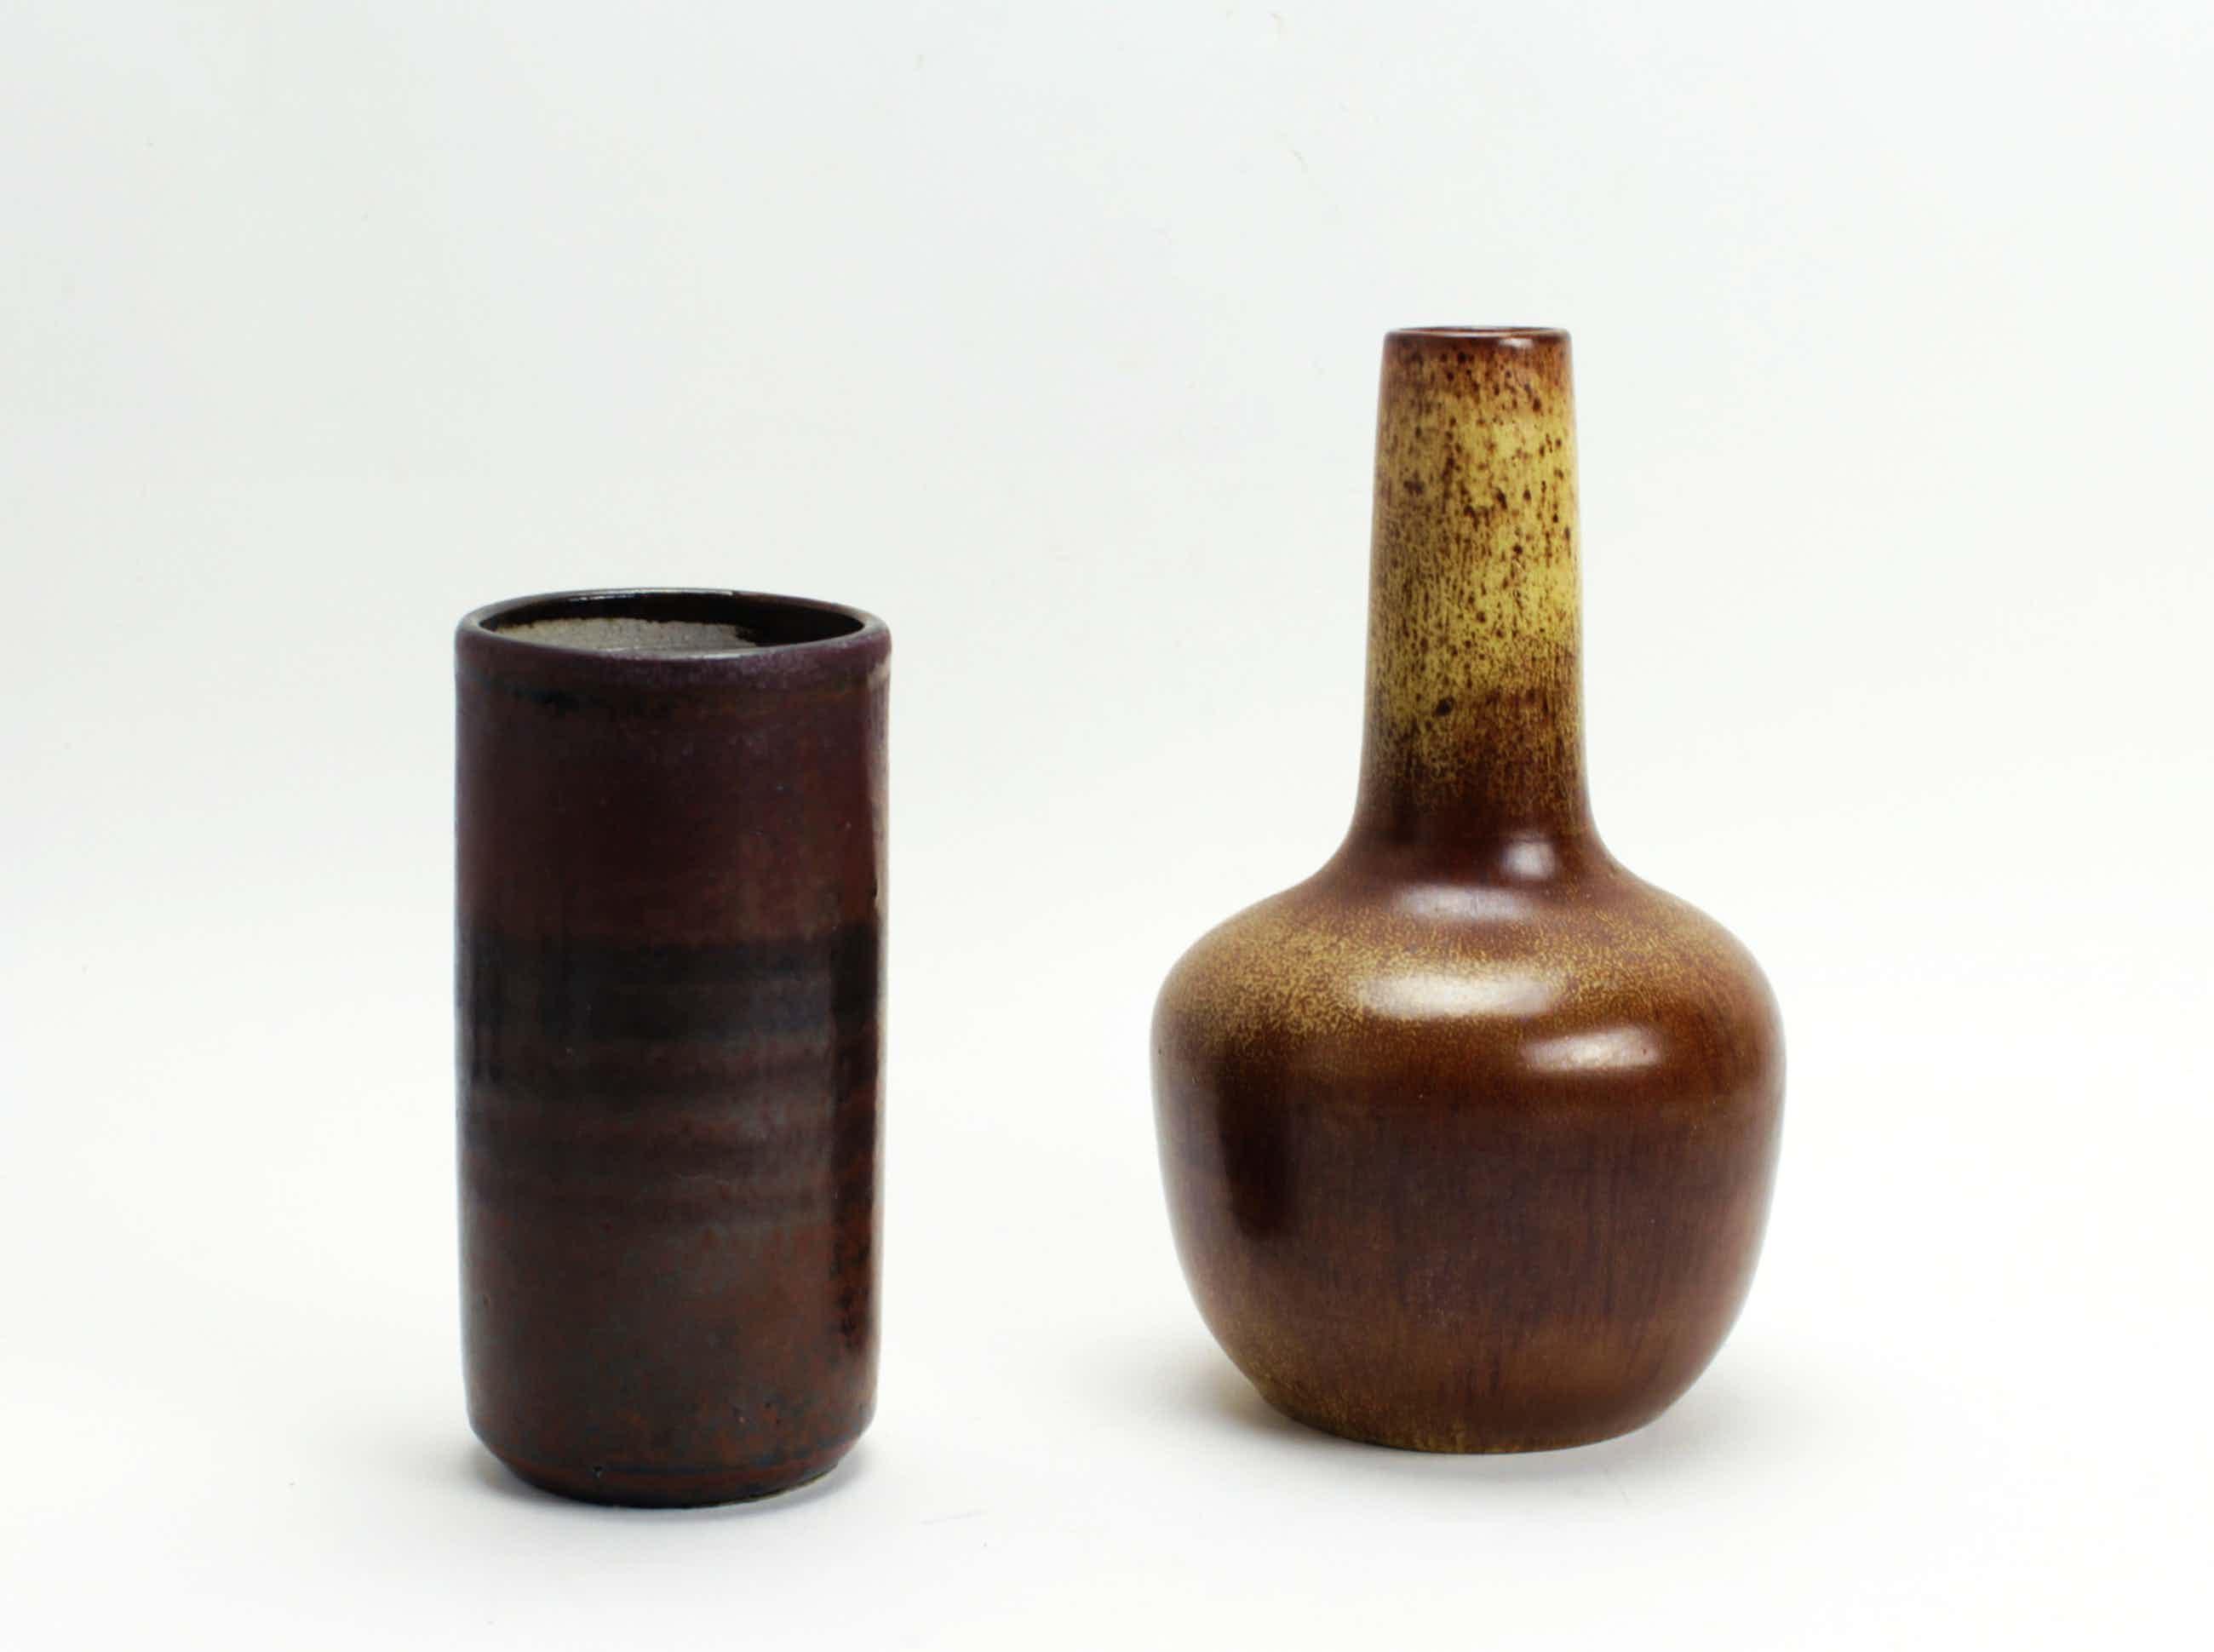 Potterij Zaalberg - 2 aardewerk vazen kopen? Bied vanaf 15!